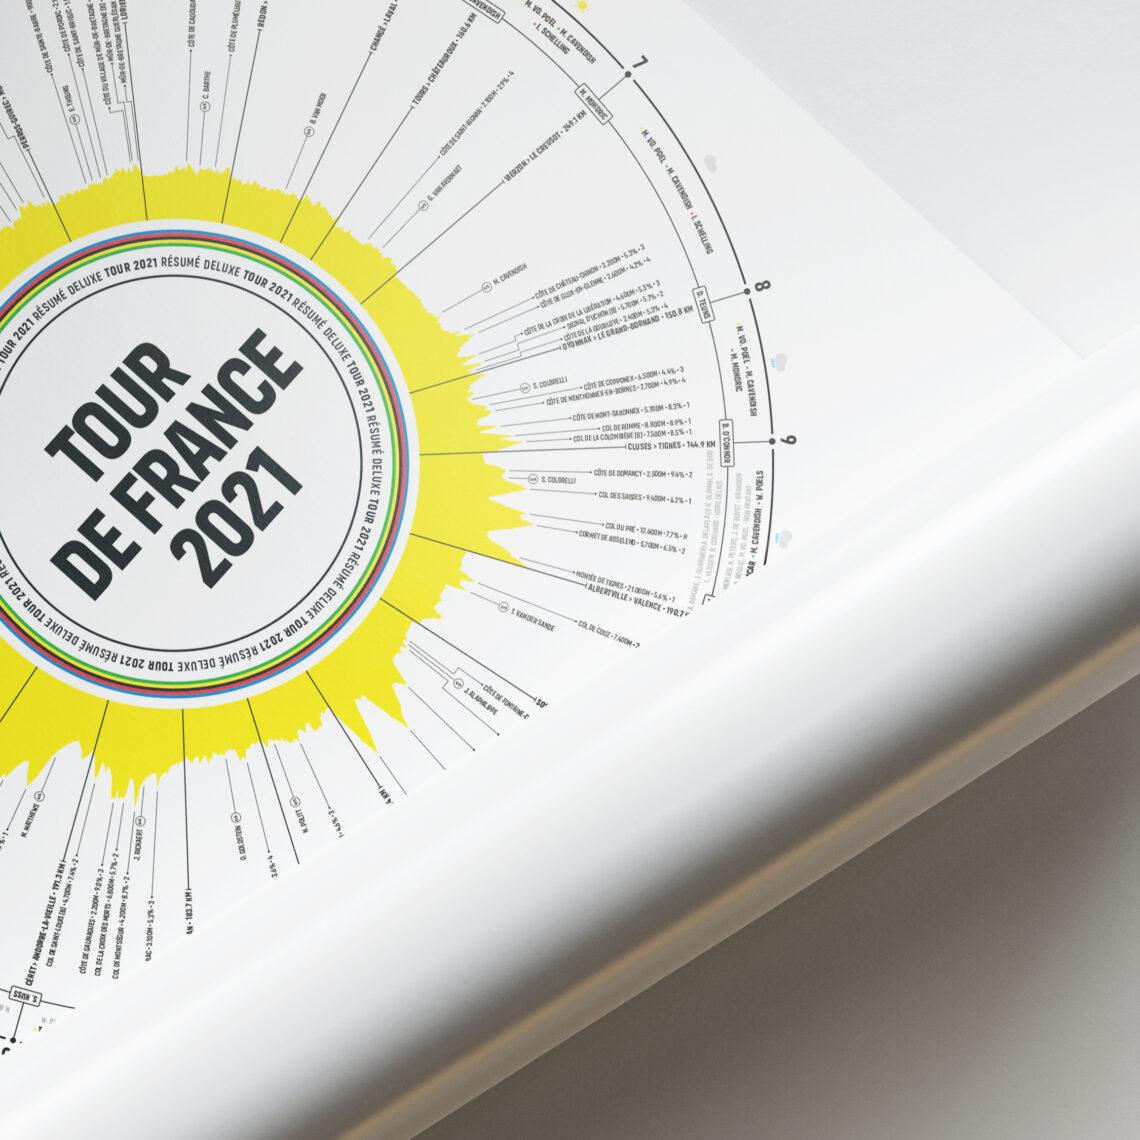 Tour de France Poster 2021 Studio nulelfzeven